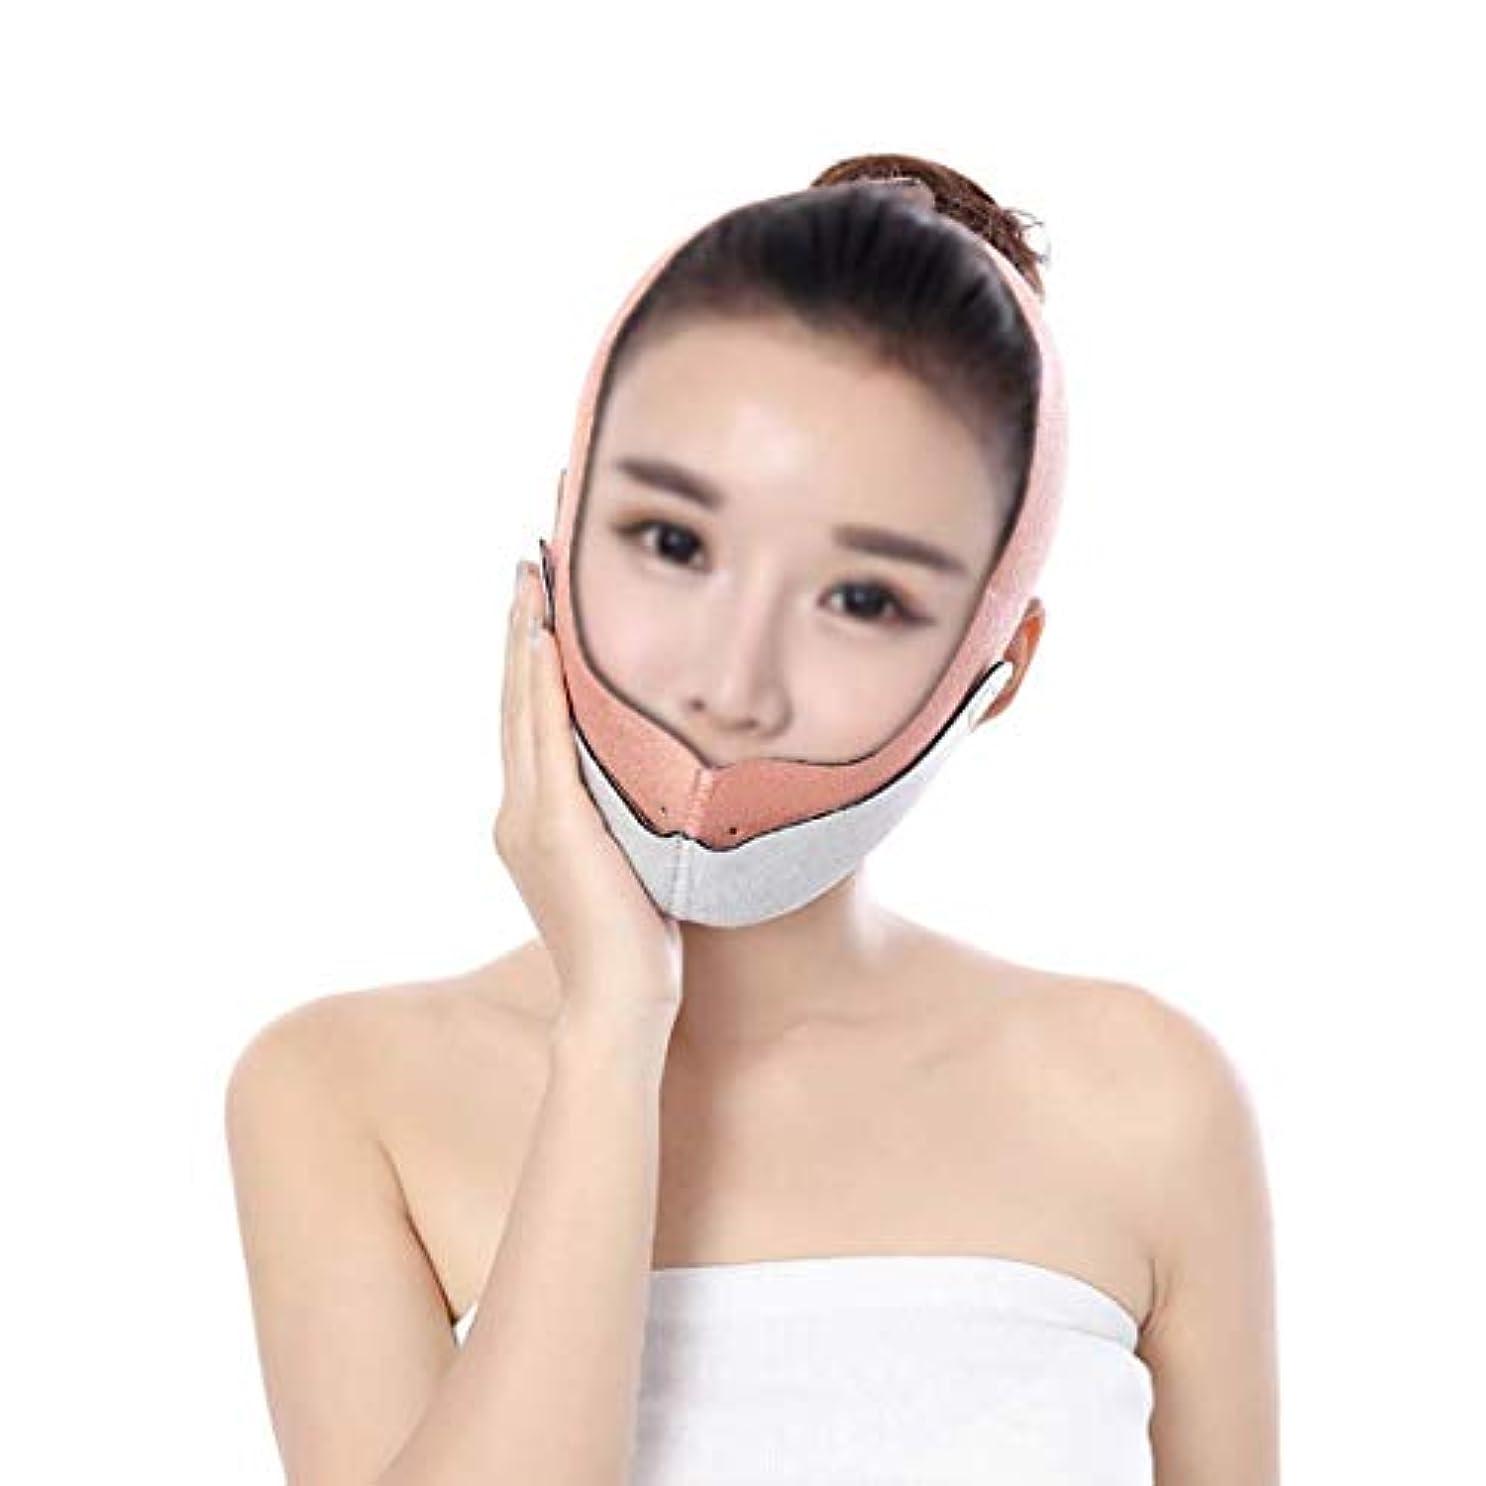 続編辞書技術ファーミングフェイスマスク、フェイスリフティングアーティファクト修正フェイスリフティングベルトたるみ防止包帯美容マスクマスクV顔布ツール